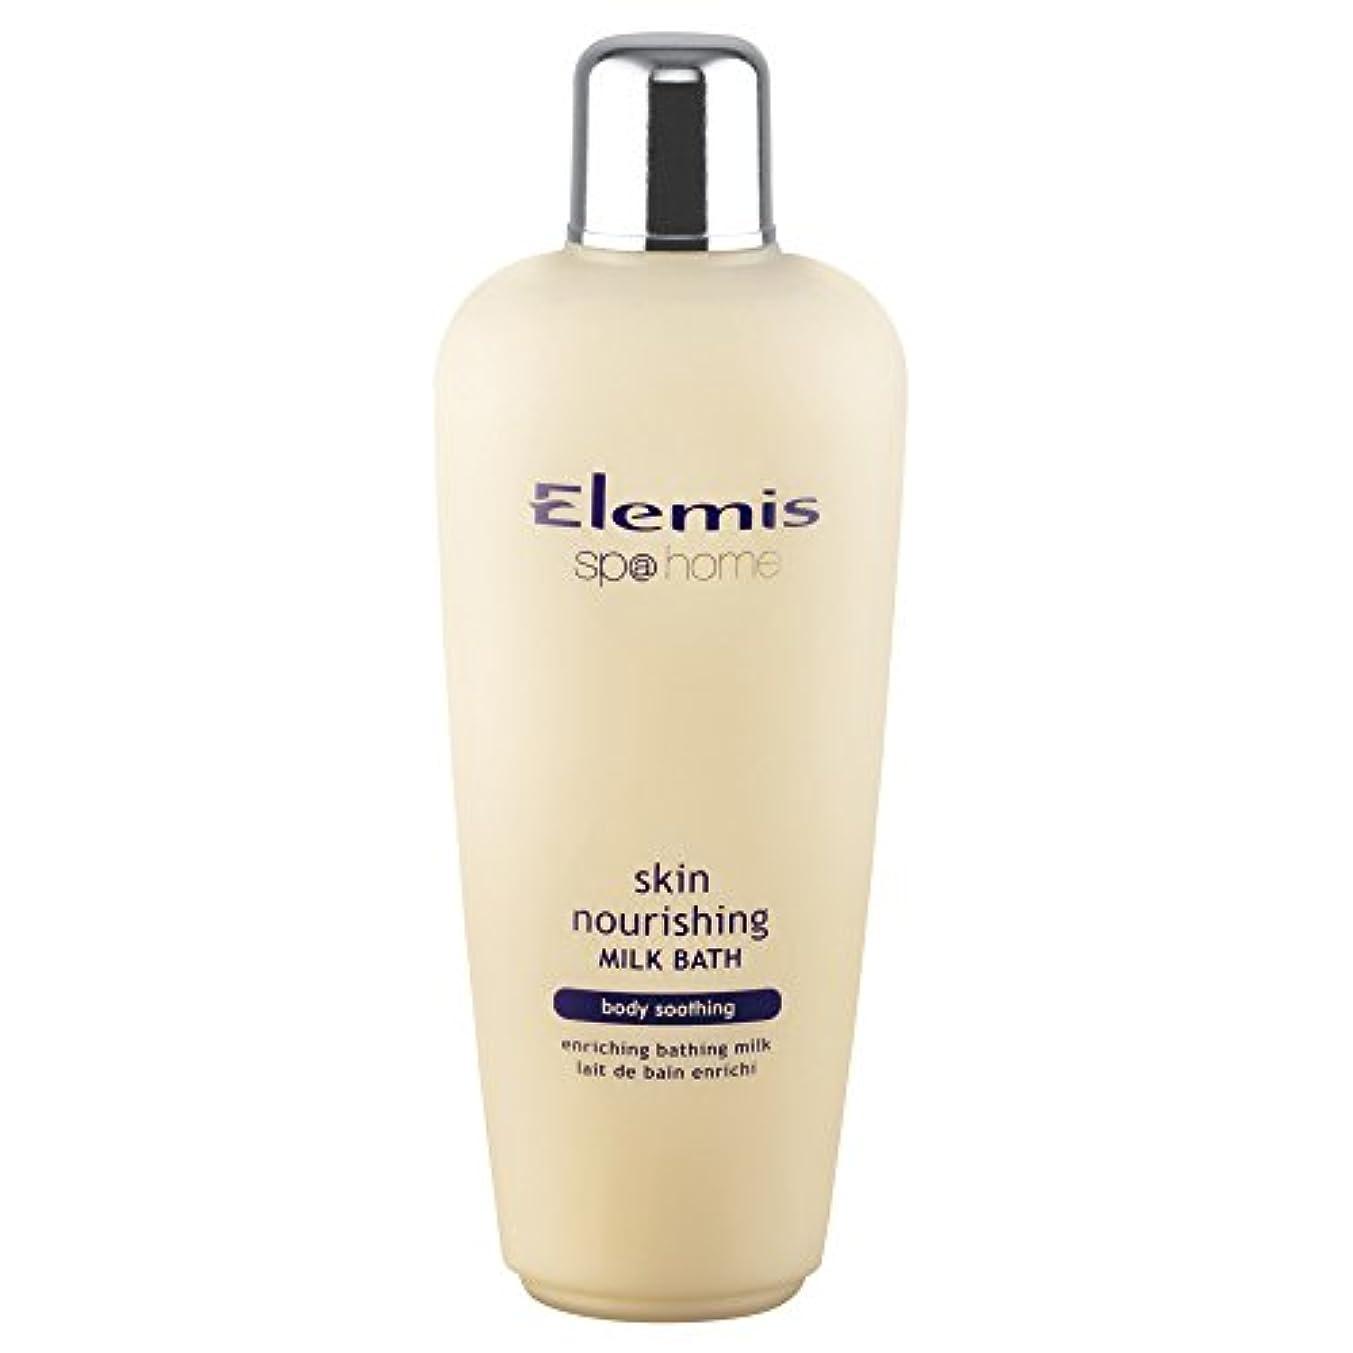 照らす敬の念タイトエレミススキン栄養ミルクバスの400ミリリットル (Elemis) (x6) - Elemis Skin Nourishing Milk Bath 400ml (Pack of 6) [並行輸入品]